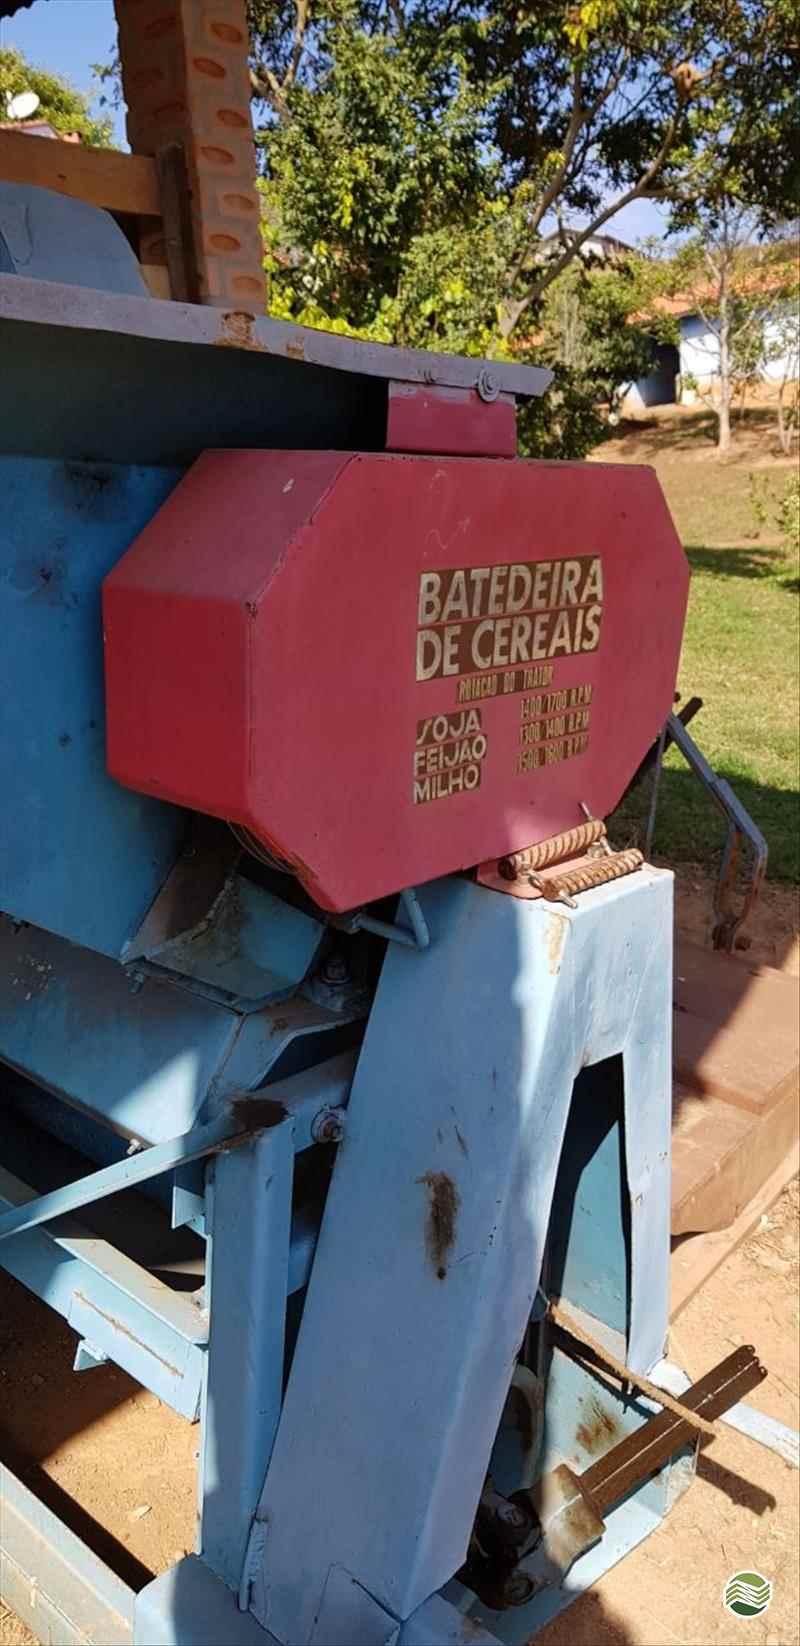 IMPLEMENTOS AGRICOLAS COLHEDORAS BATEDEIRA DE CEREAIS Sumaré Máquinas e Veículos SUMARE SÃO PAULO SP